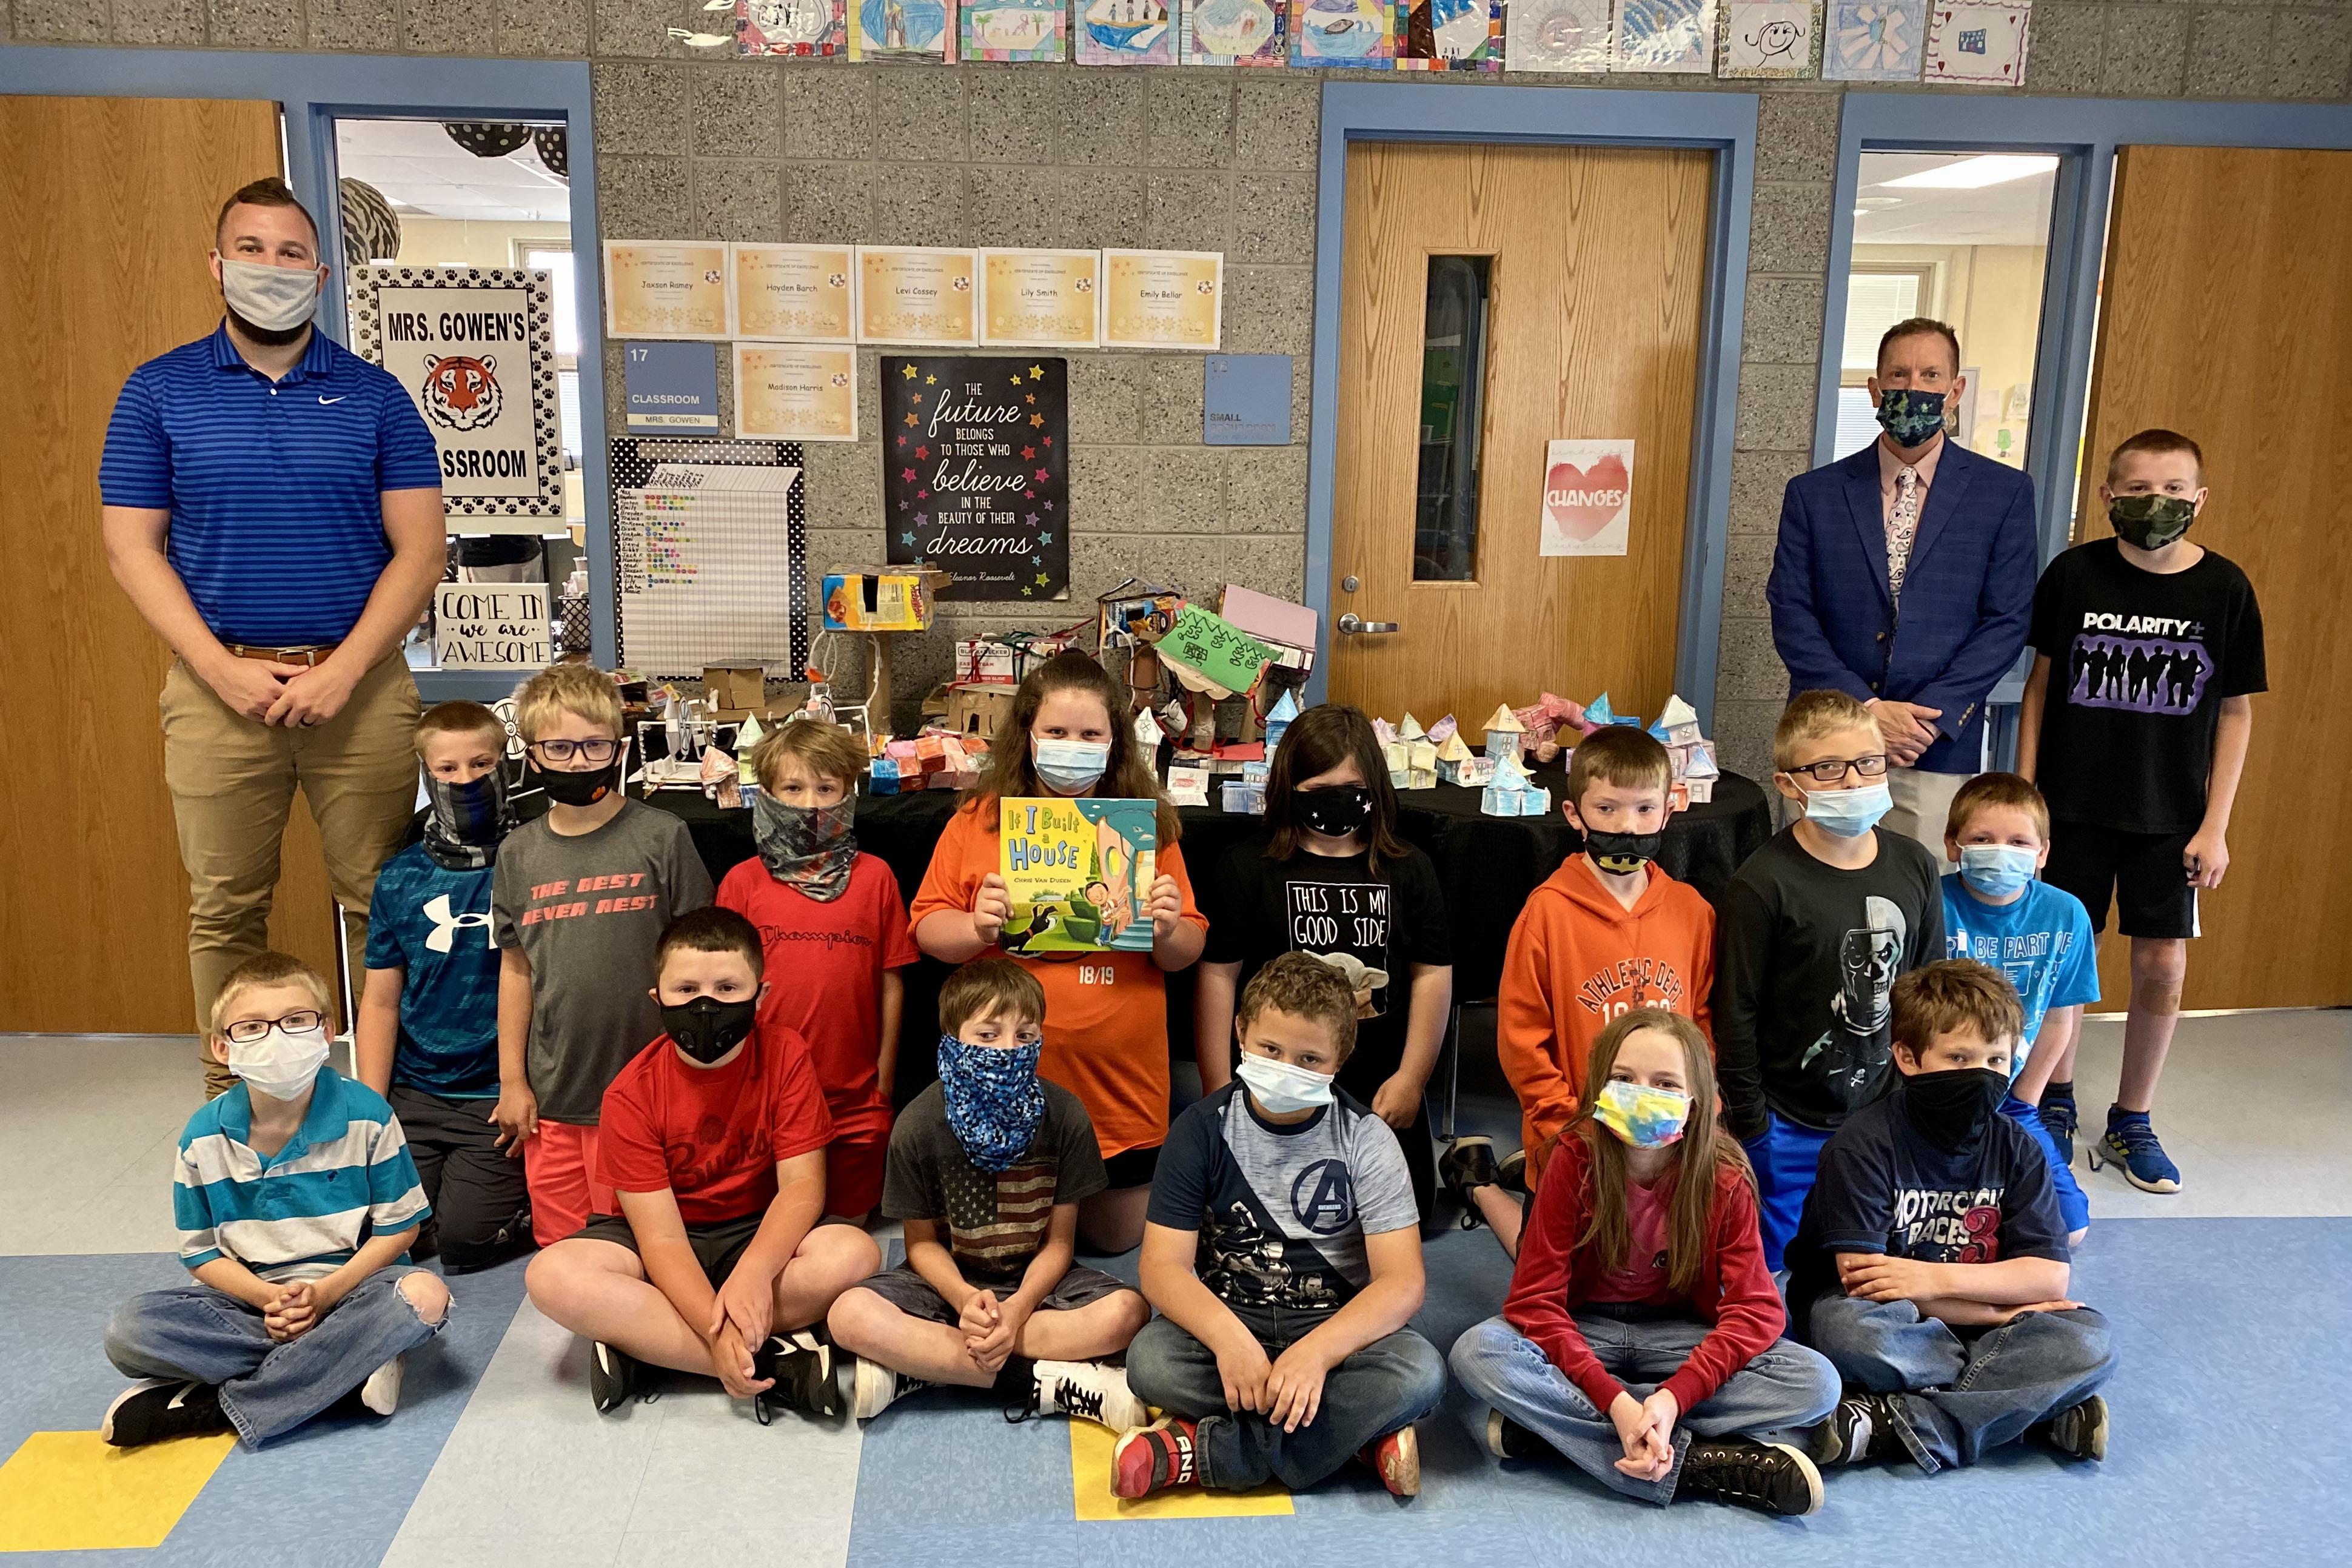 Mr. Crabtree's class